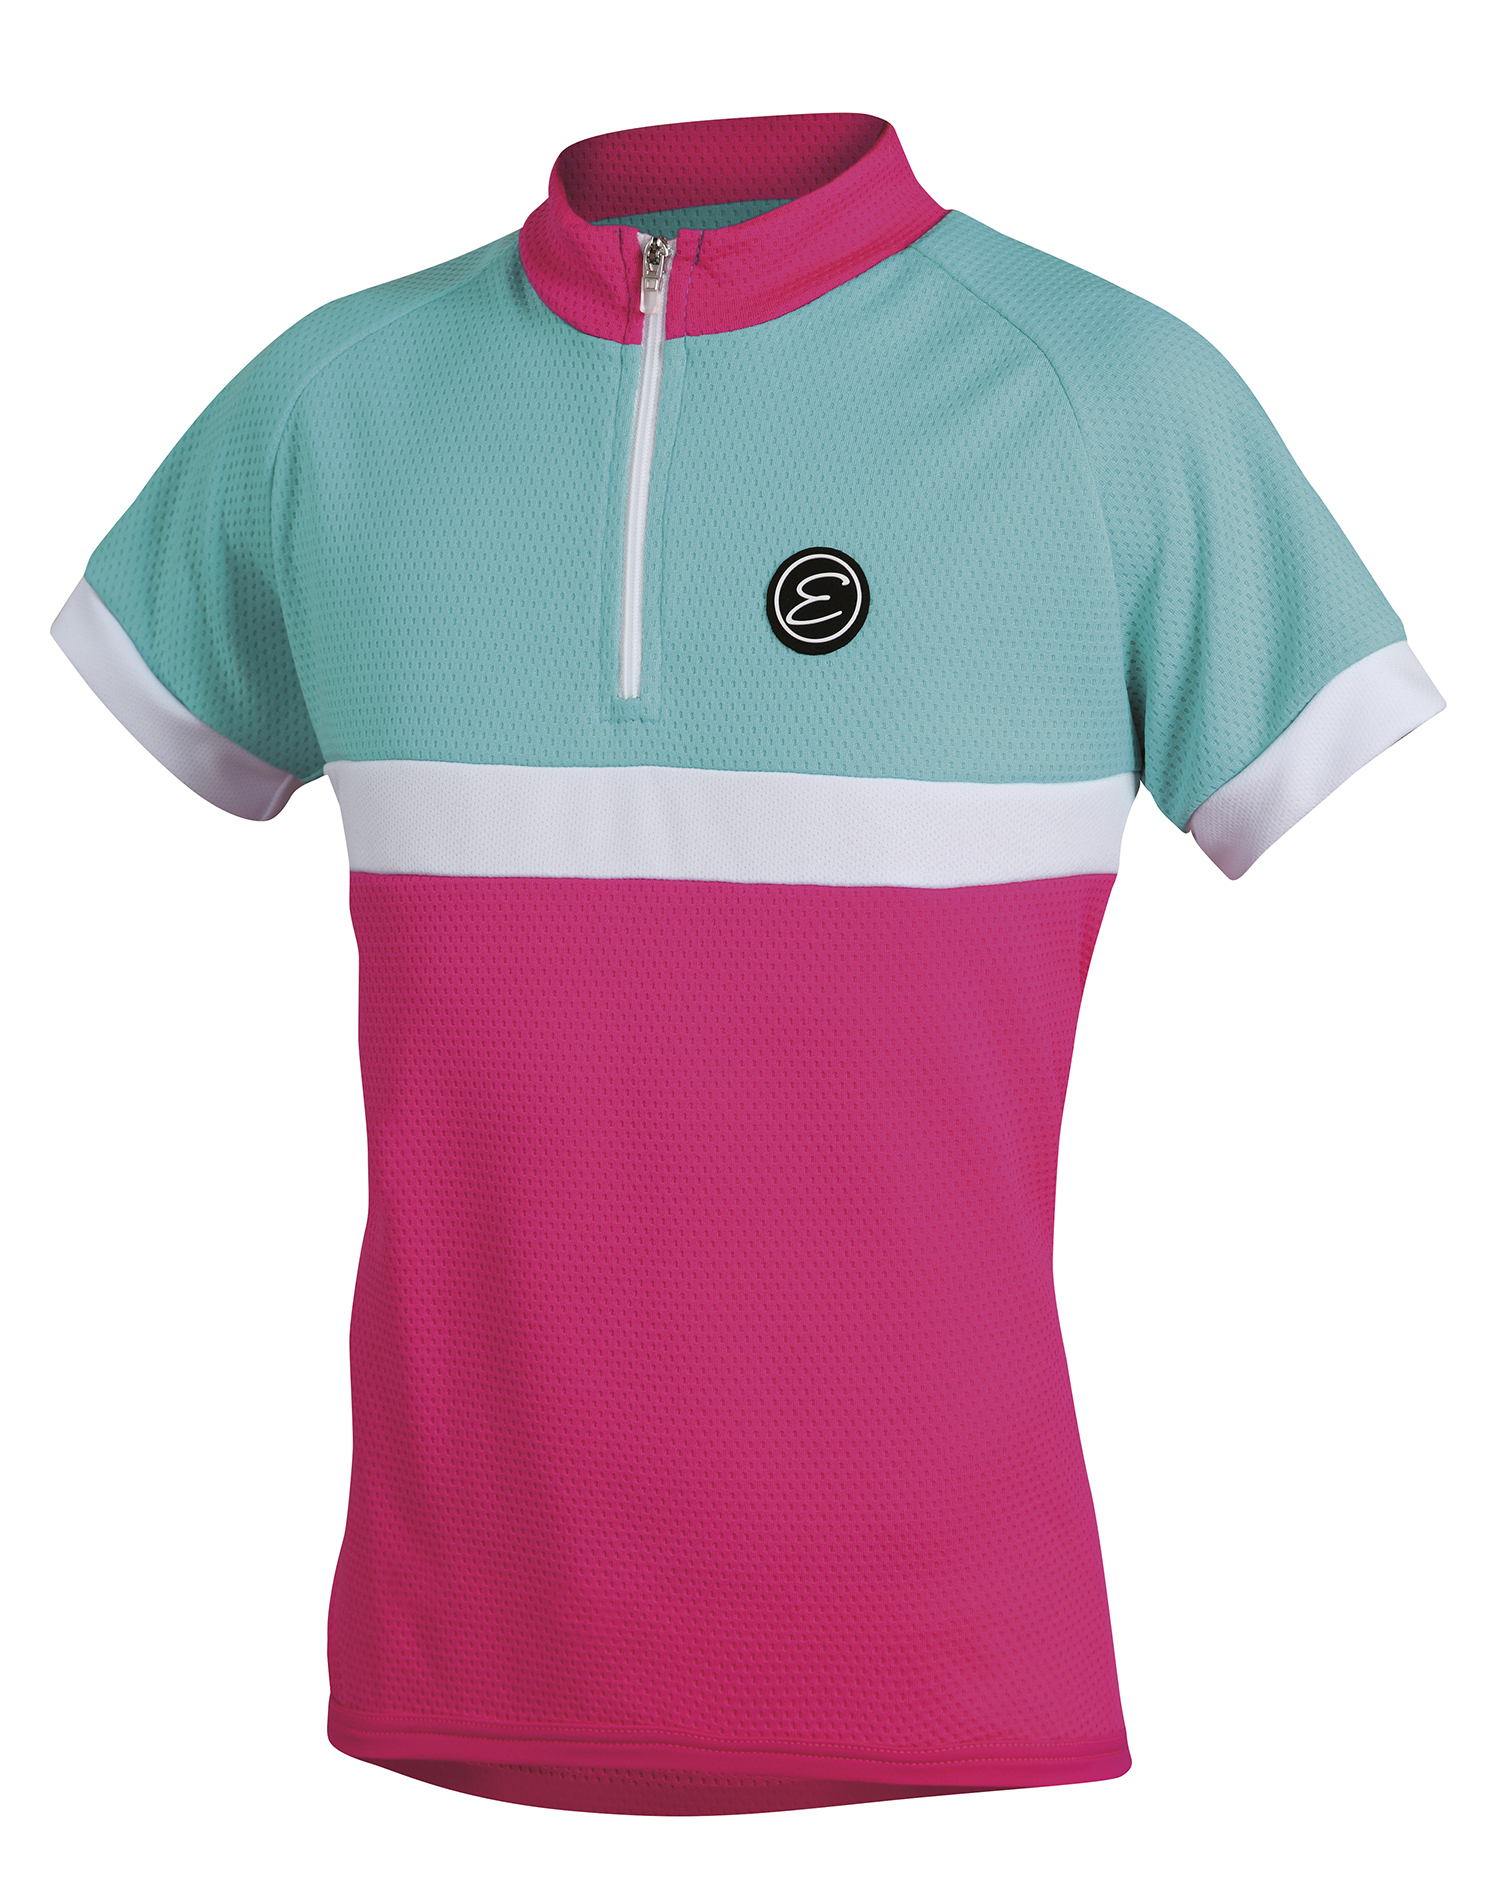 Dětský cyklistický dres ETAPE Bambino, 128/134, růžová/aqua, model 2017 (Dětský dres Etape, přední zip)